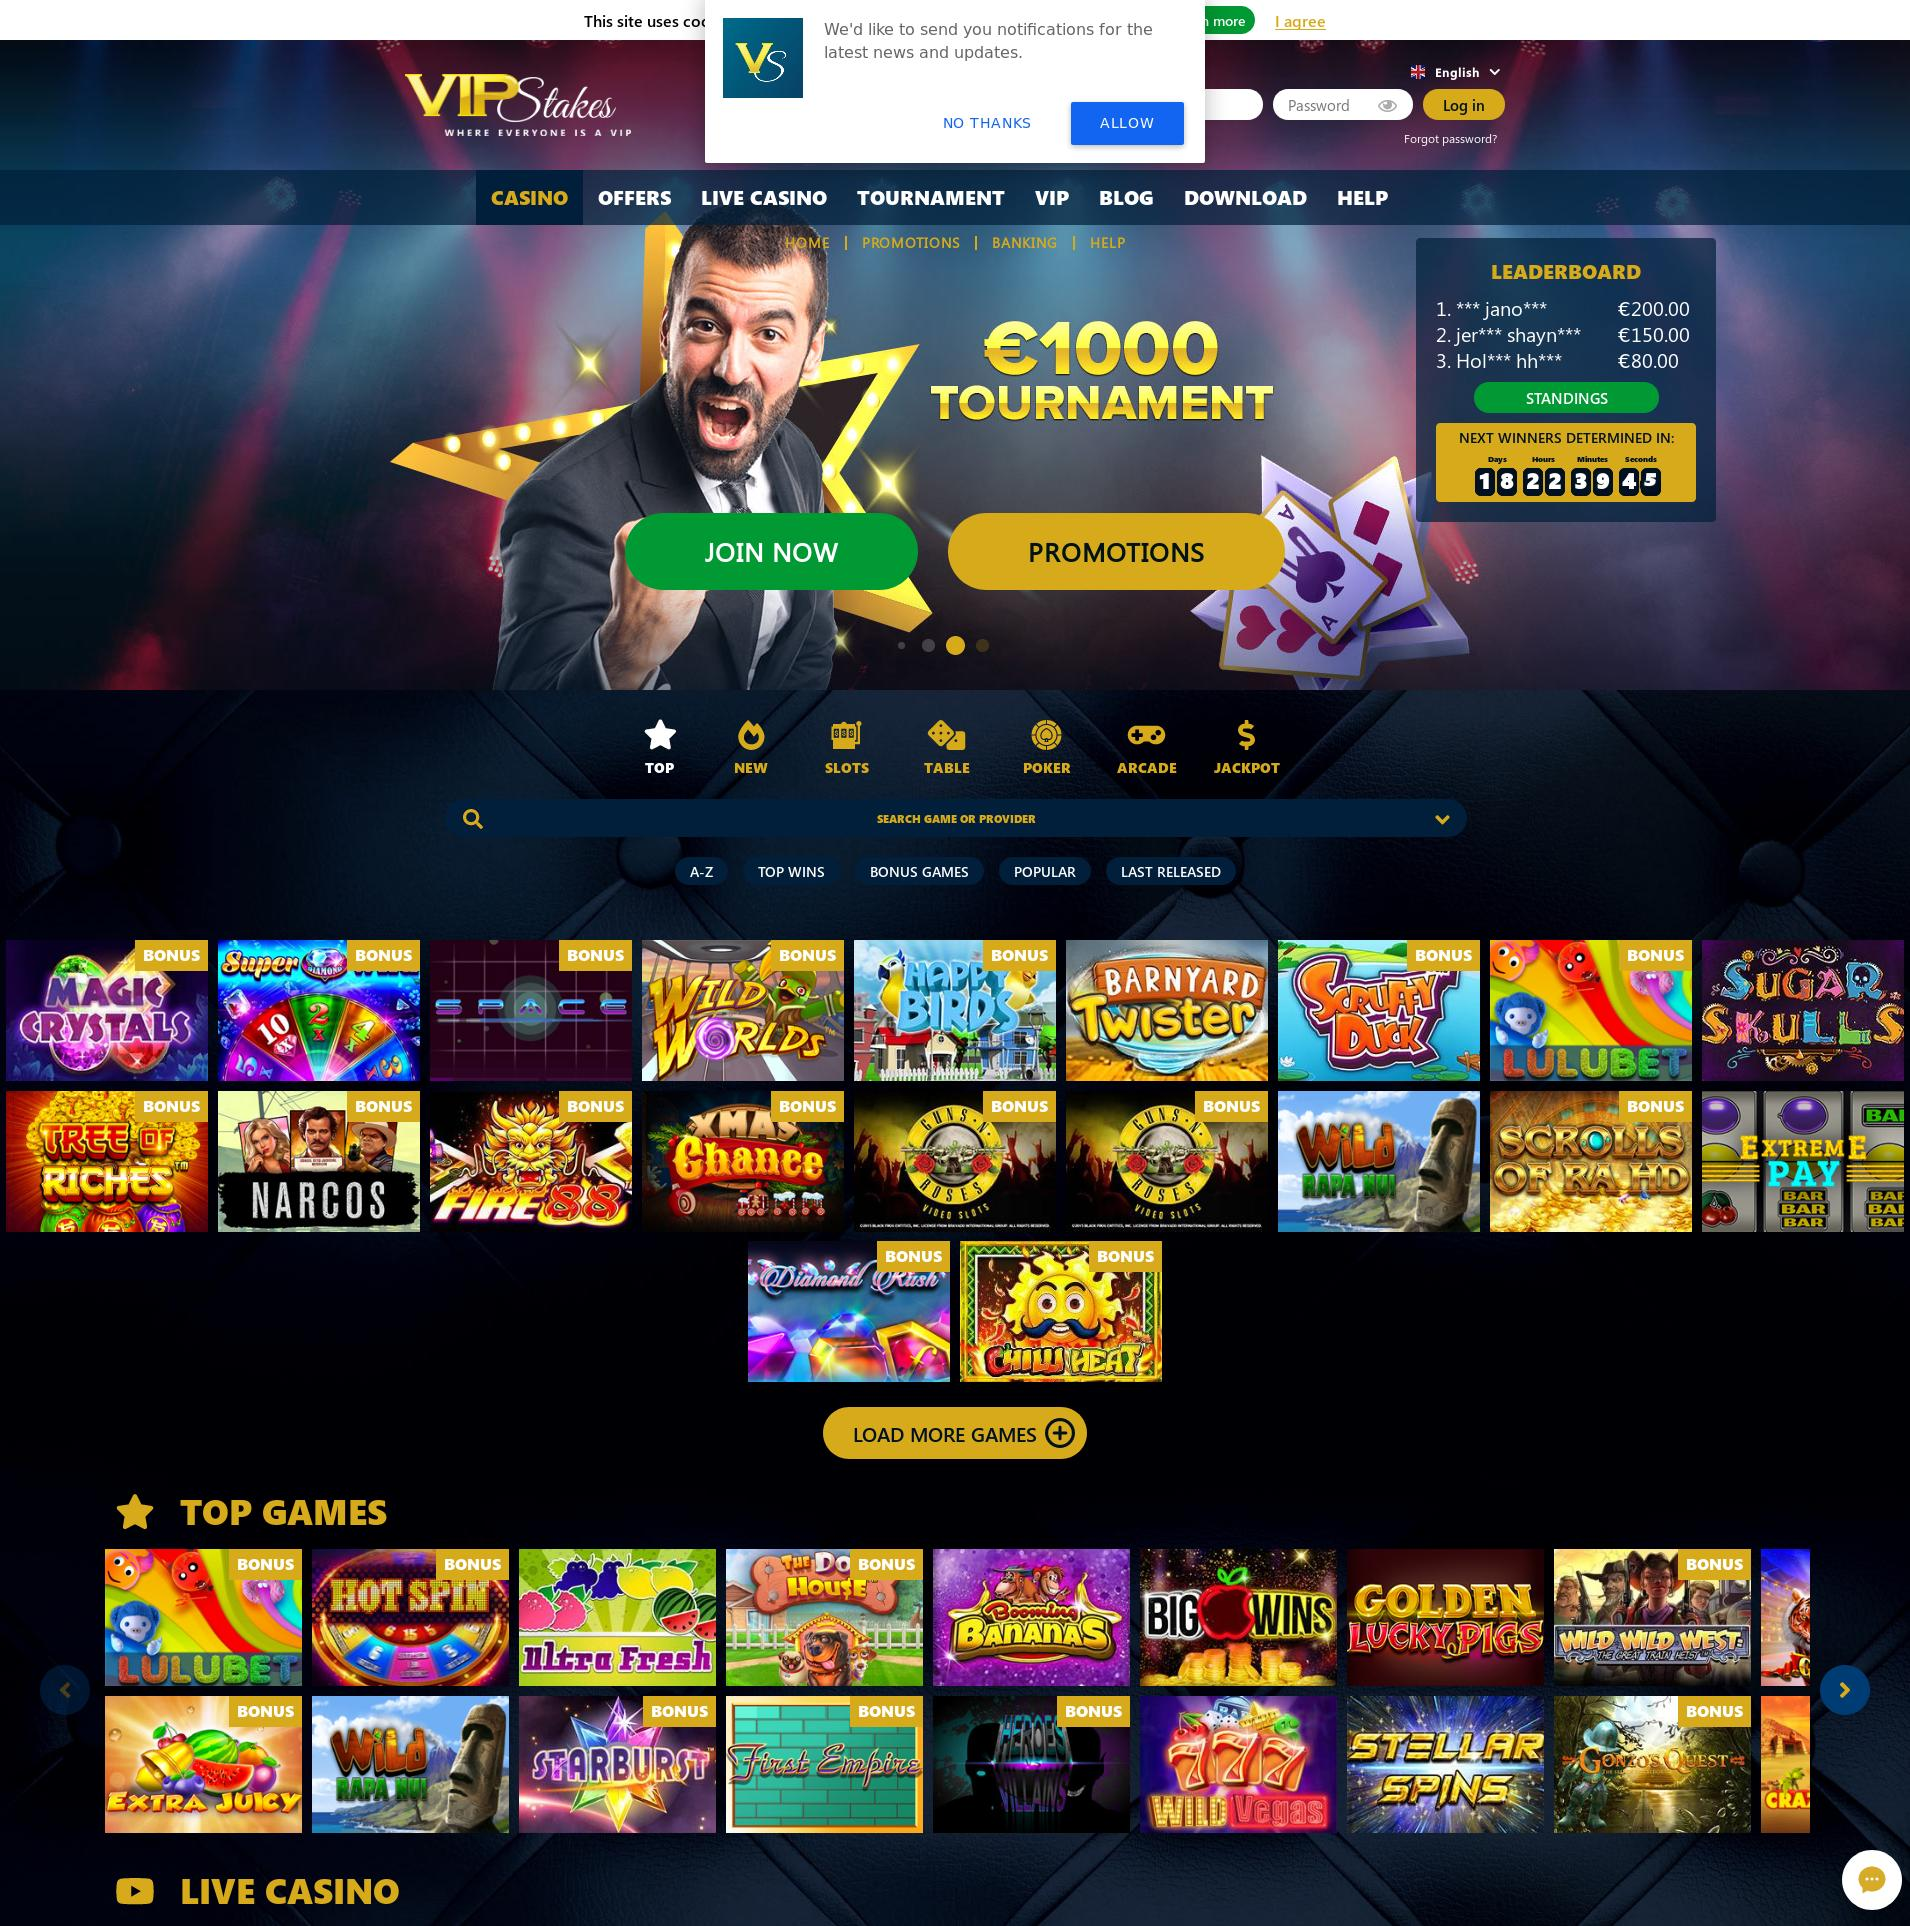 Casino-näyttö Lobby 2019-11-12 varten Suomi